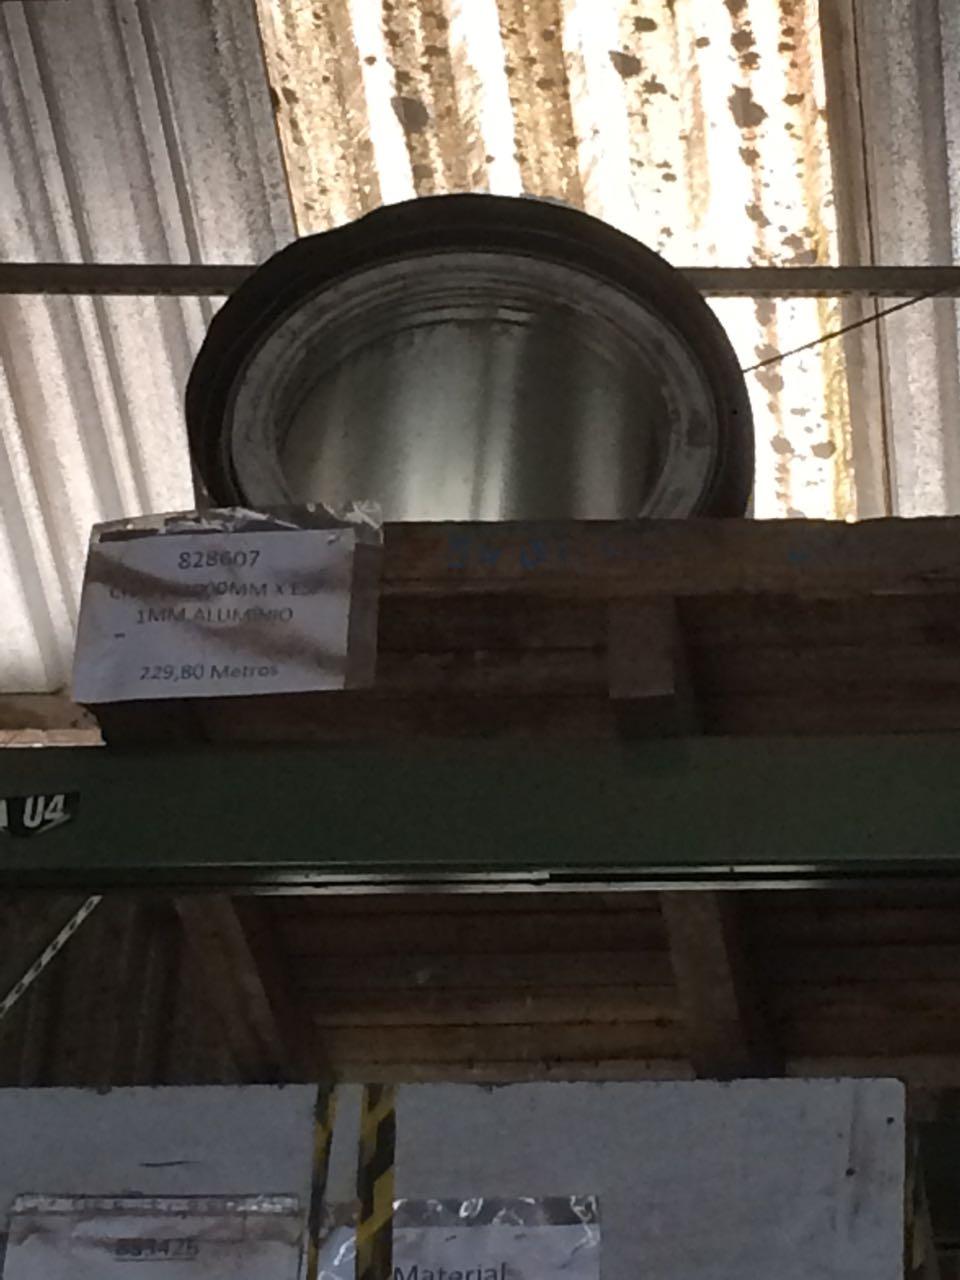 Correia, Rotor, Garra Florestal, Chapa, Manta Amortec, Barra Antiestática - Aprox. 312 Un